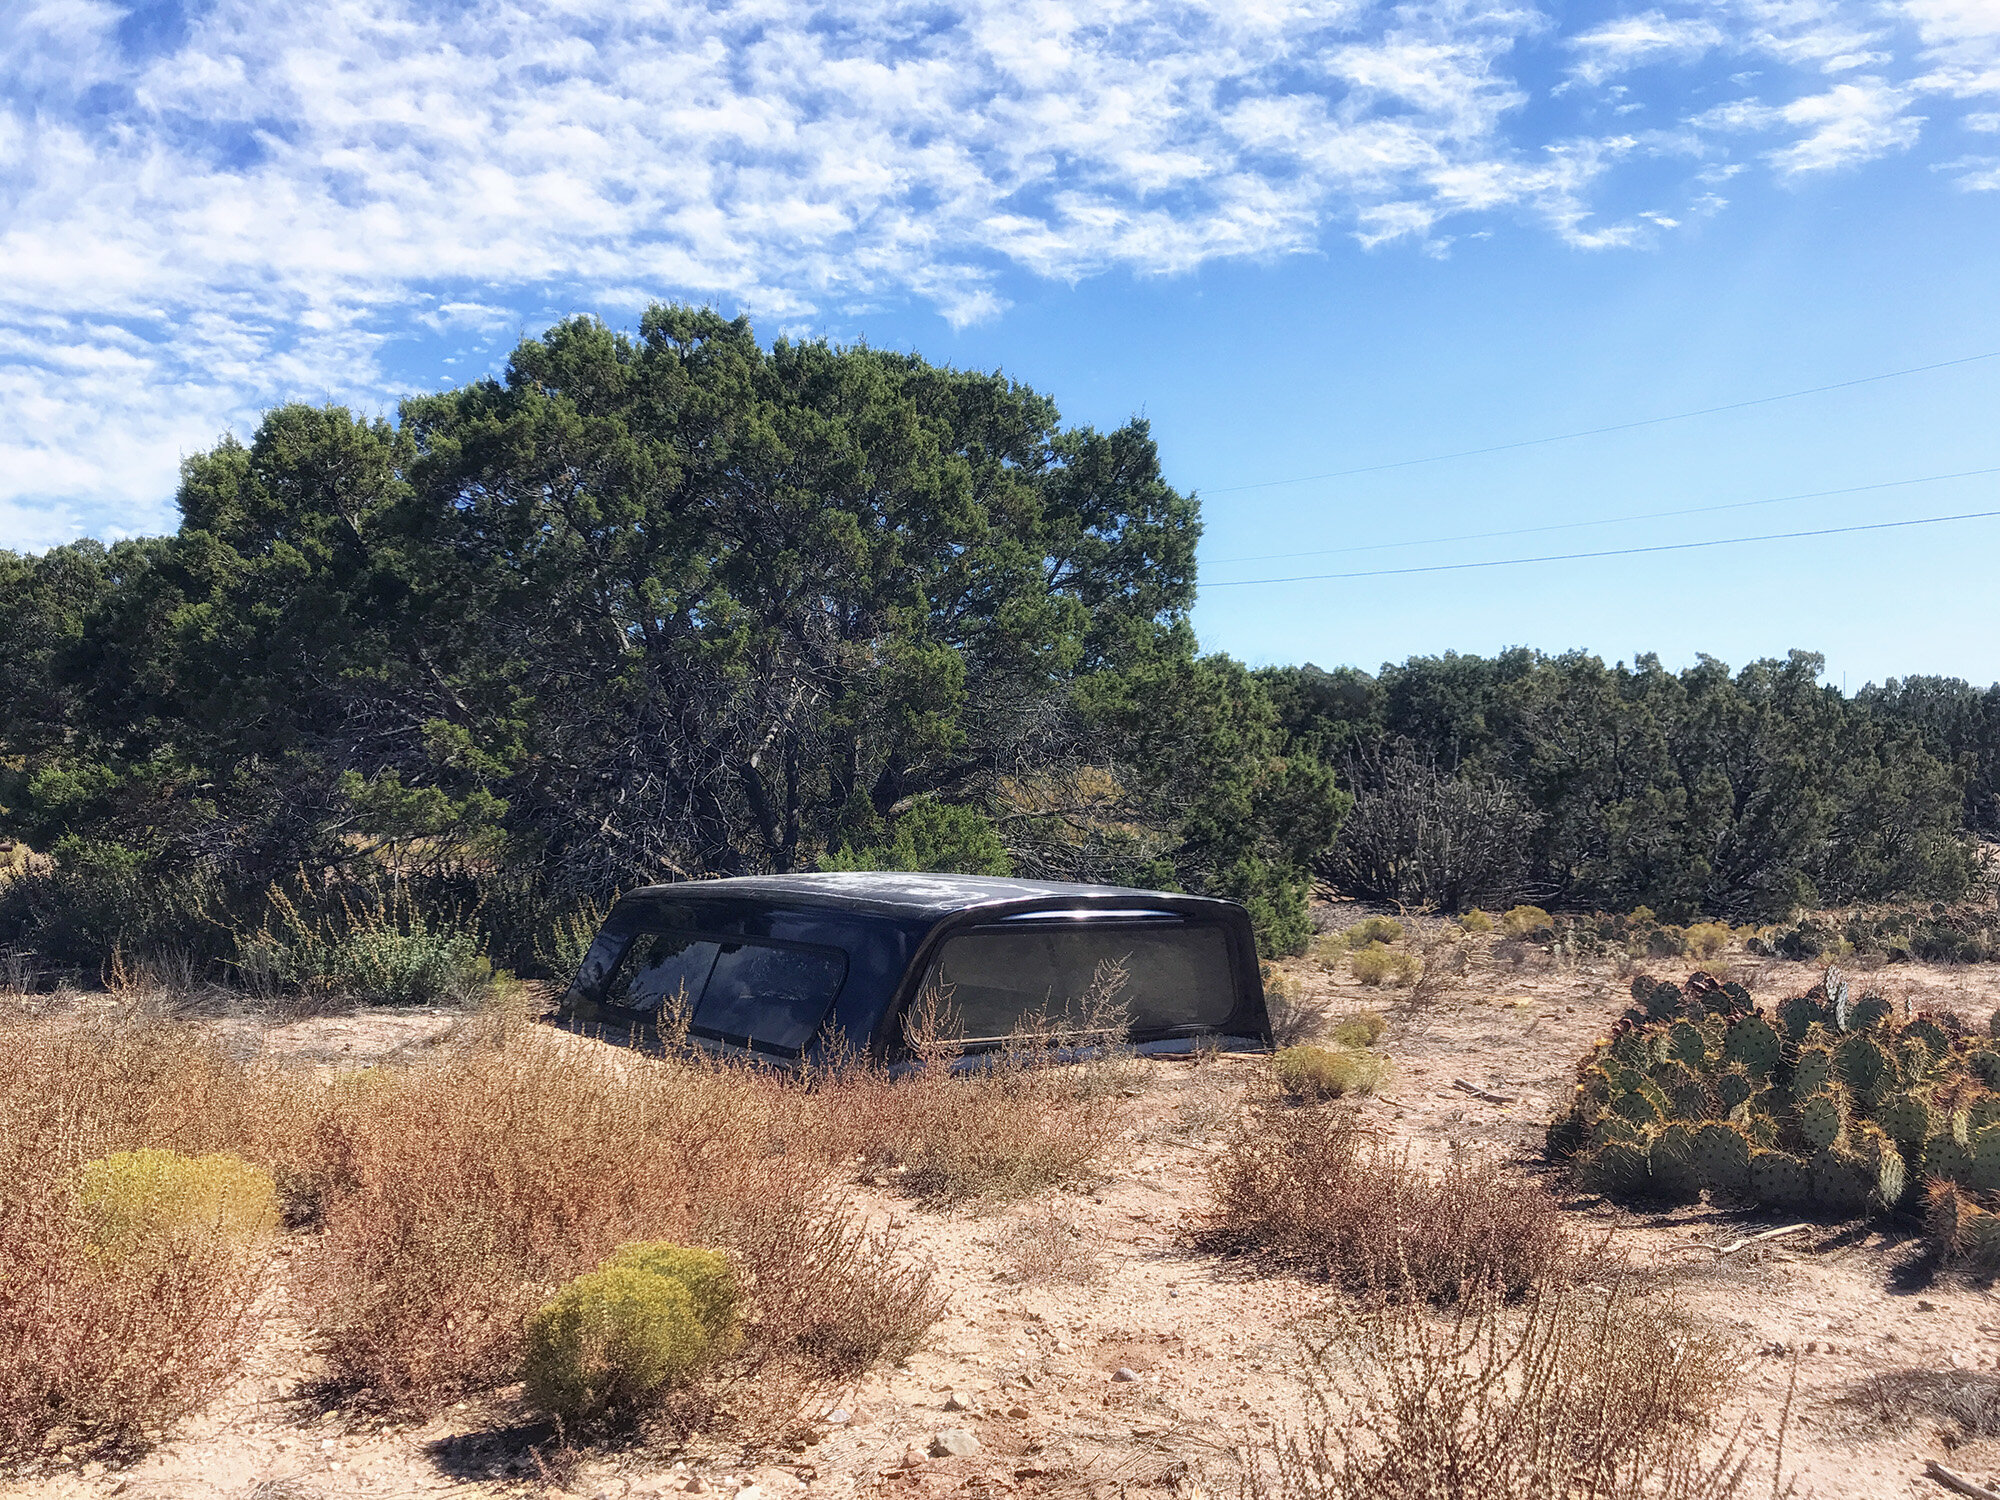 Susannah-Mira_sunken-truck_web.jpg